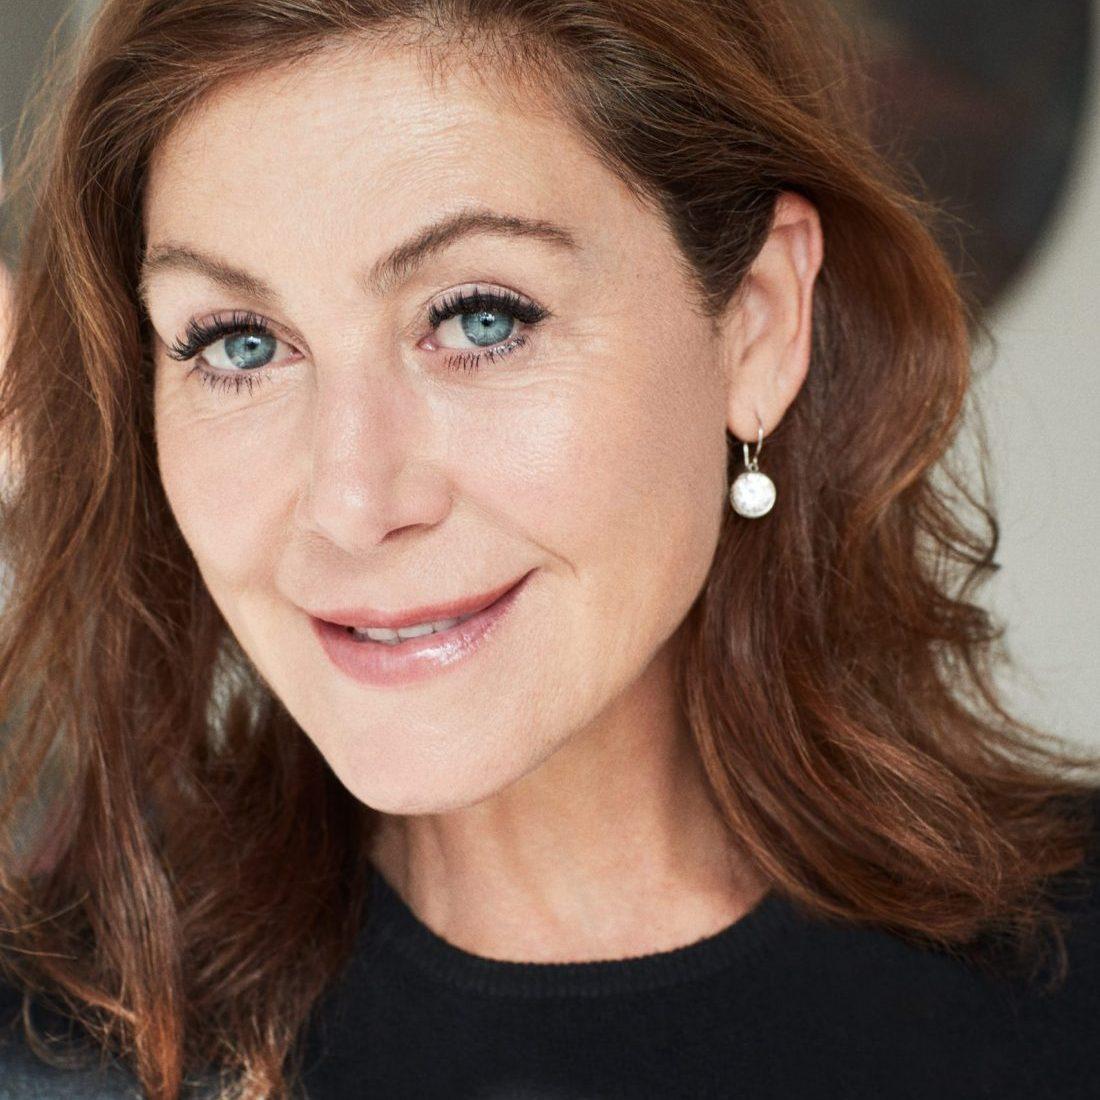 Alexandra Freifrau von Rehlingen